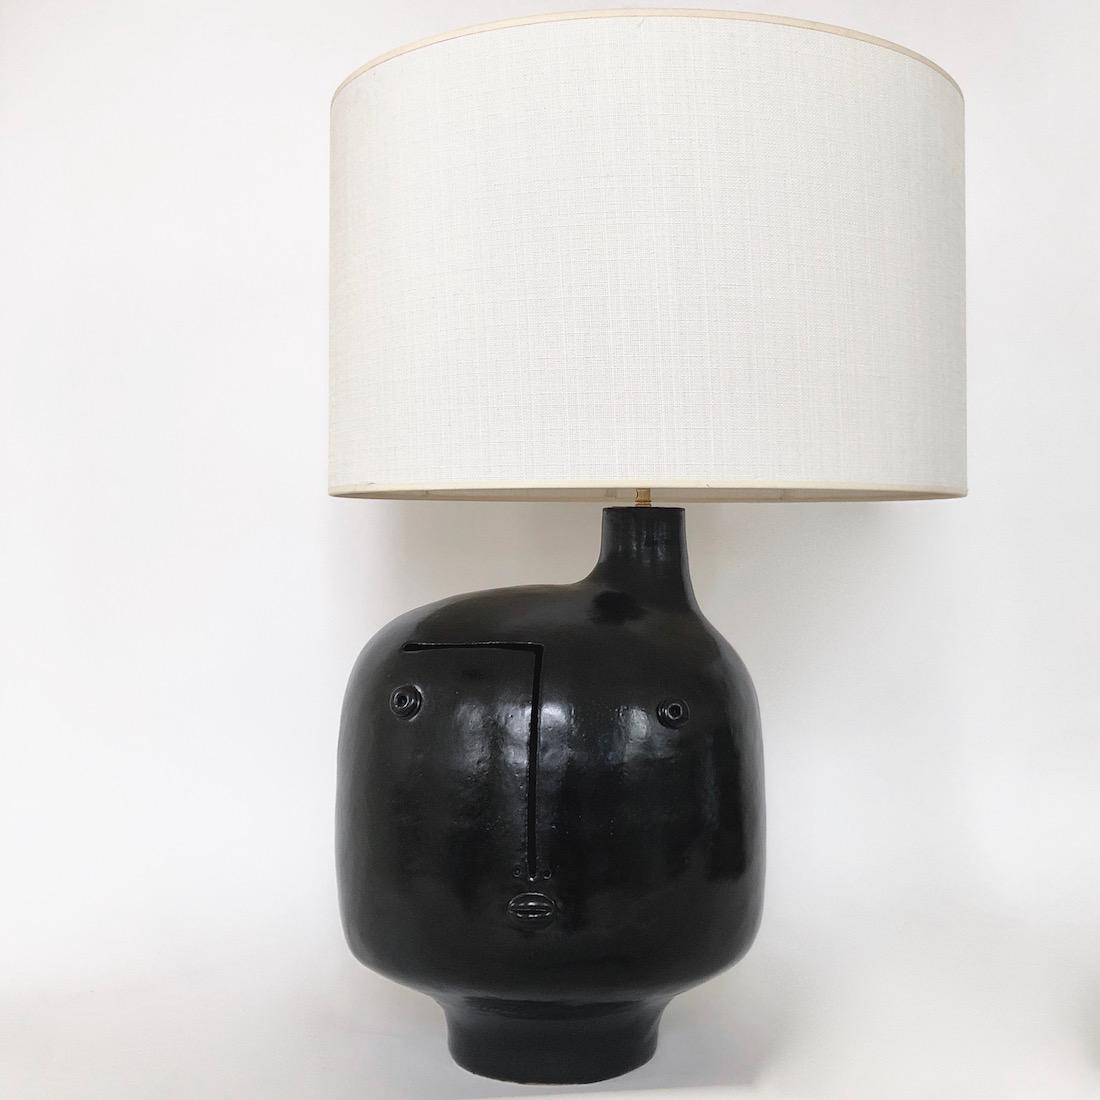 DaLo - Grand pied de lampe noir satiné